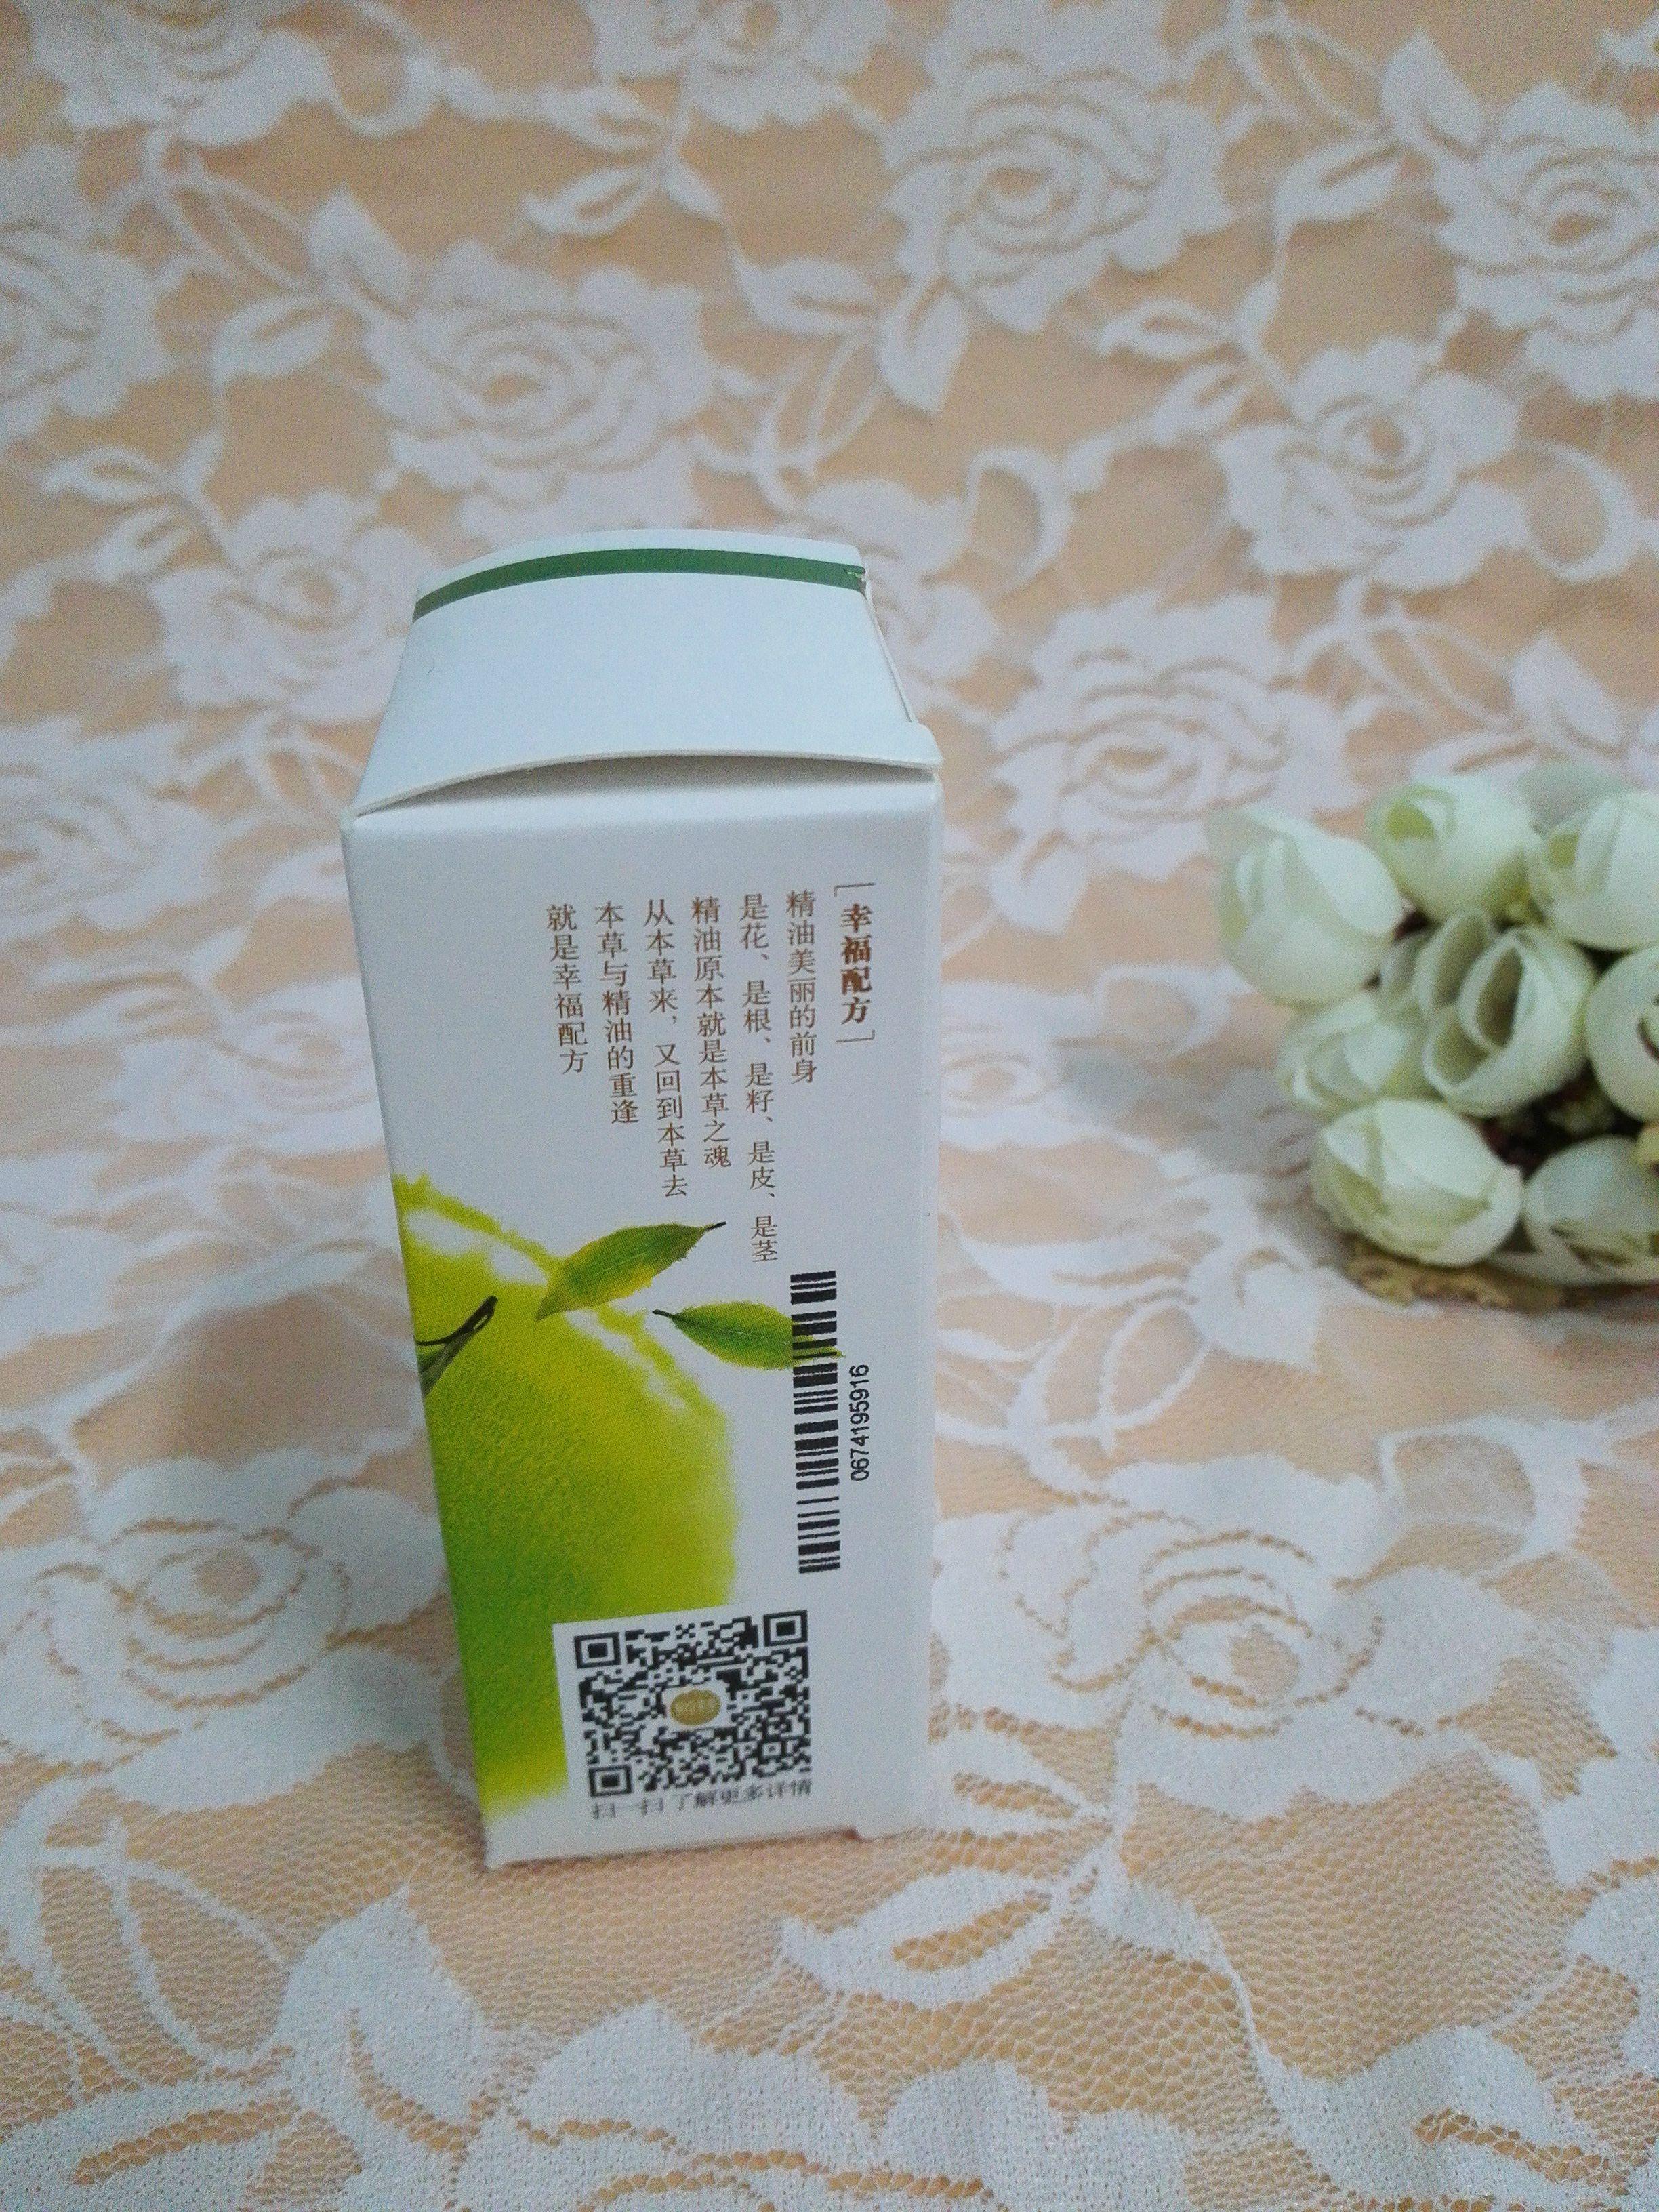 相宜本草茶树祛痘精油 精华